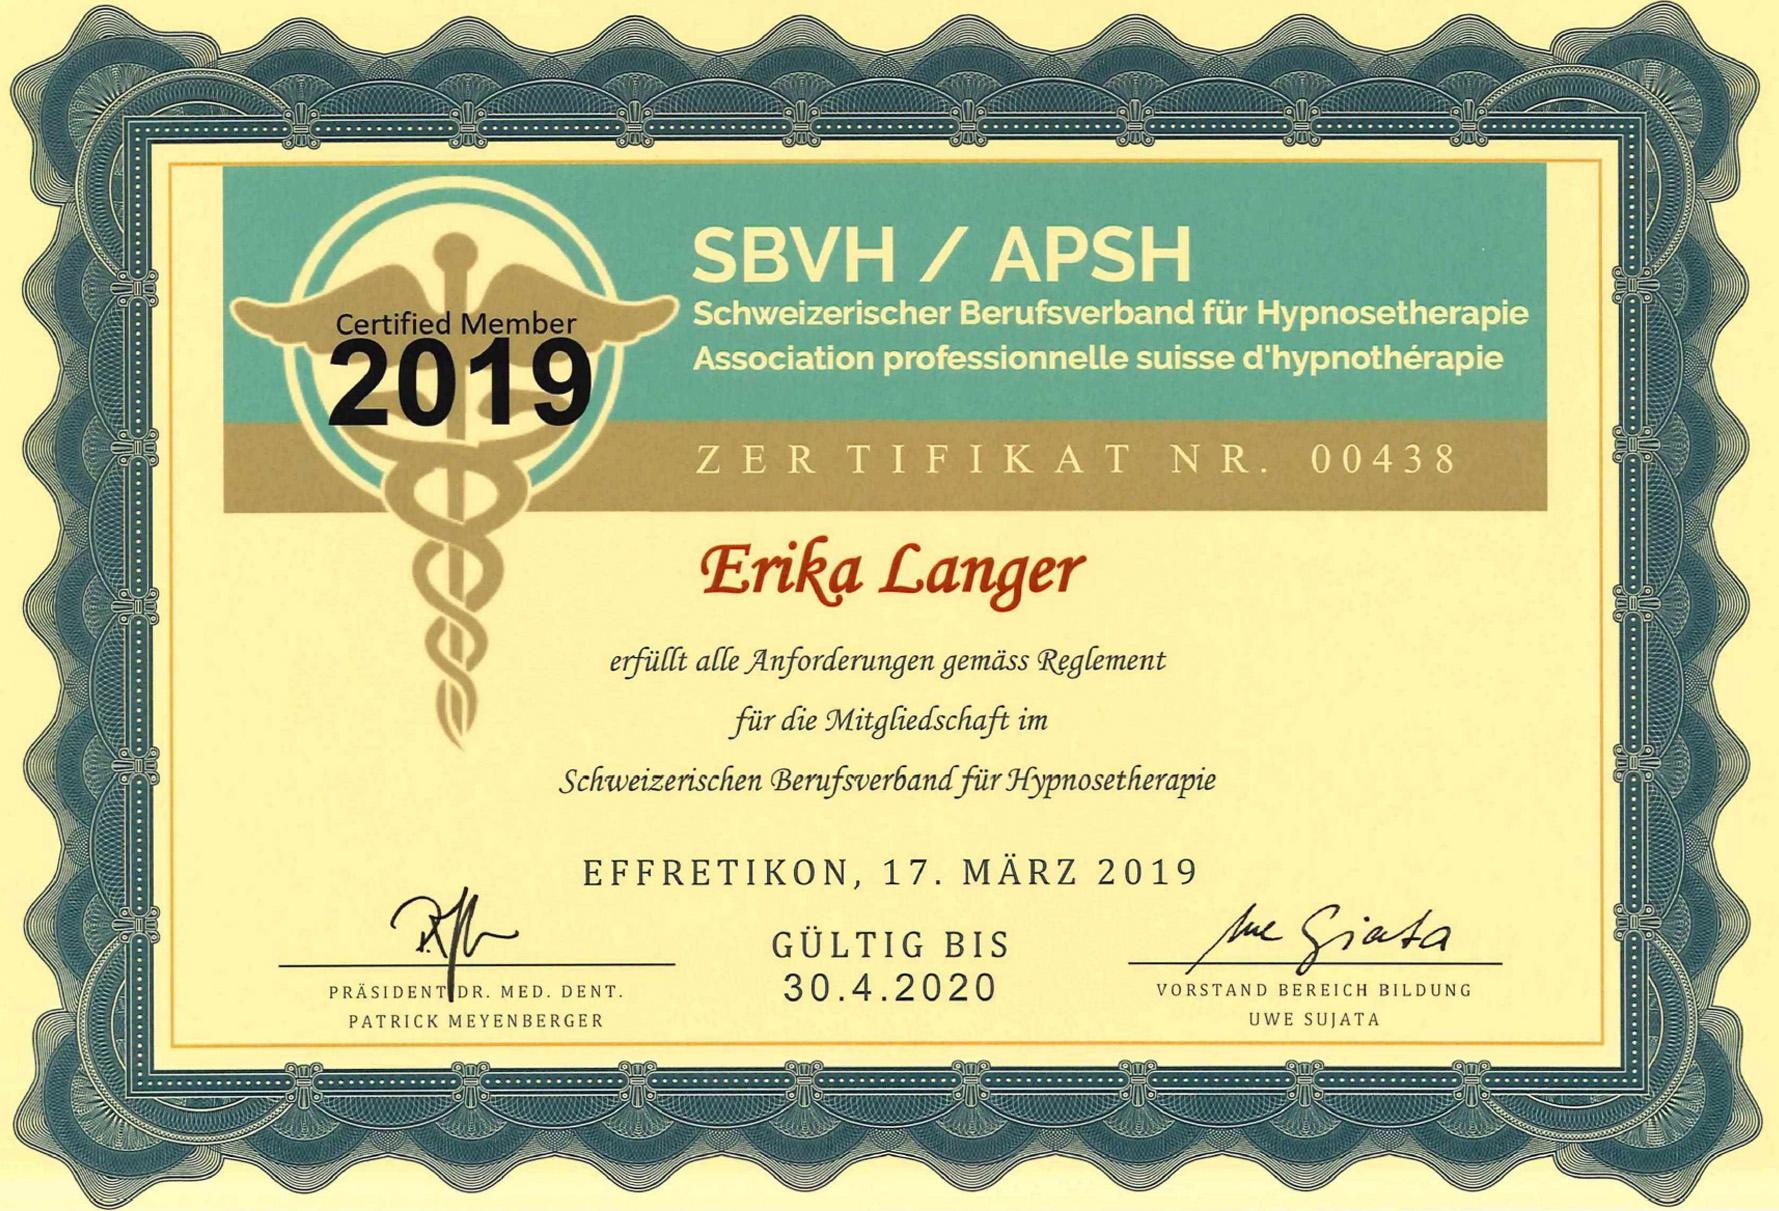 Erika Langer - Zertifikat SBVH APSH